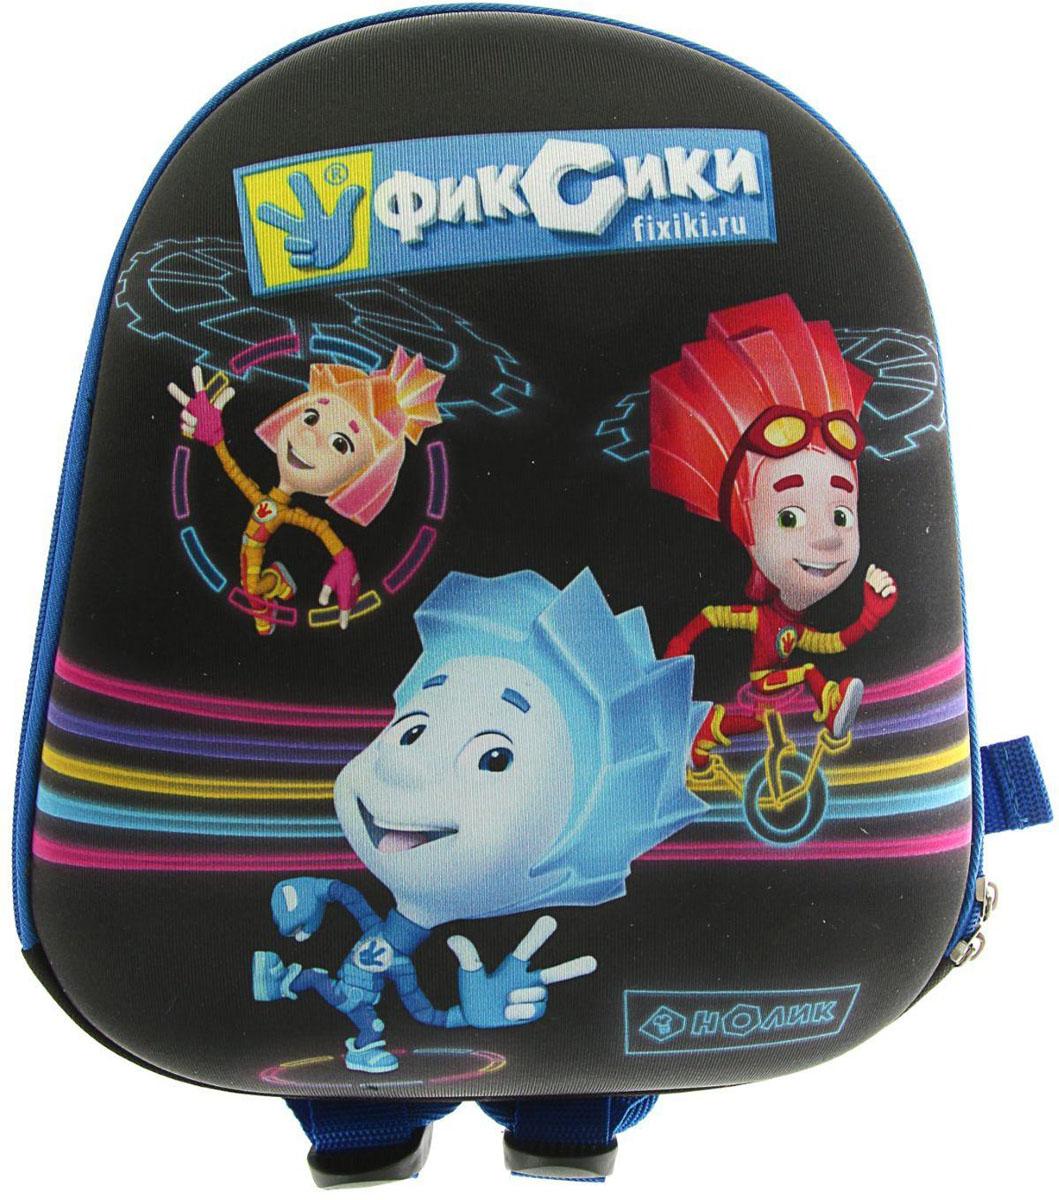 Фиксики Рюкзак детский Нолик2111521Рюкзак Фиксики Нолик- это эргономичная текстильная школьная сумка, обладающая оригинальным дизайном и большой вместительностью.Рюкзак содержит одно вместительное отделение на застежке-молнии. На лицевой стороне рюкзака изображены герои мультфильма Фиксики. Рюкзак имеет петлю для подвешивания на крючок и удобные широкие лямки.Каркасные рюкзаки отличаются большей твёрдостью корпуса, их труднее смять, они всегда позволяют ребёнку держать осанку при ходьбе.Такое изделие определённо понравится детям и научит дисциплинированно, аккуратно и ответственно относиться к своим вещам и учёбе в целом.